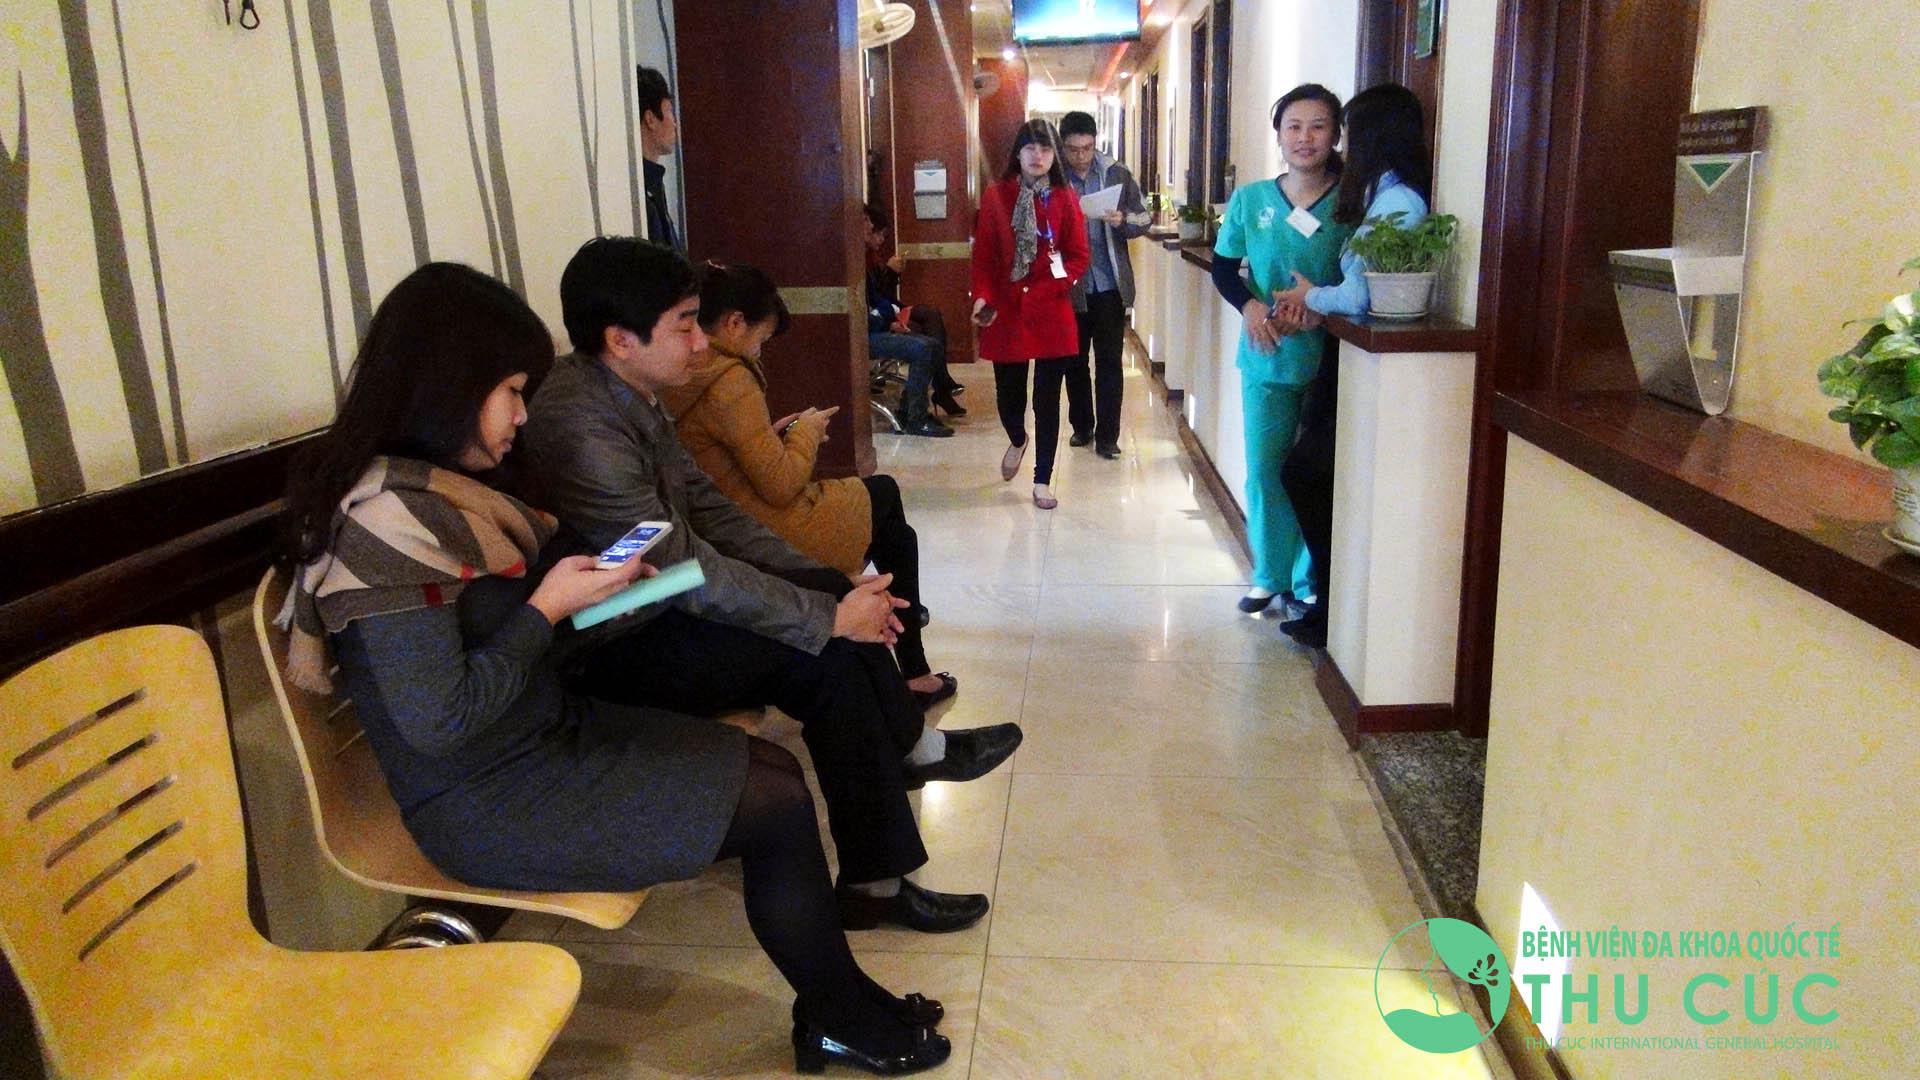 Người bệnh rất tin tưởng chất lượng dịch vụ tại Bệnh viện Thu Cúc